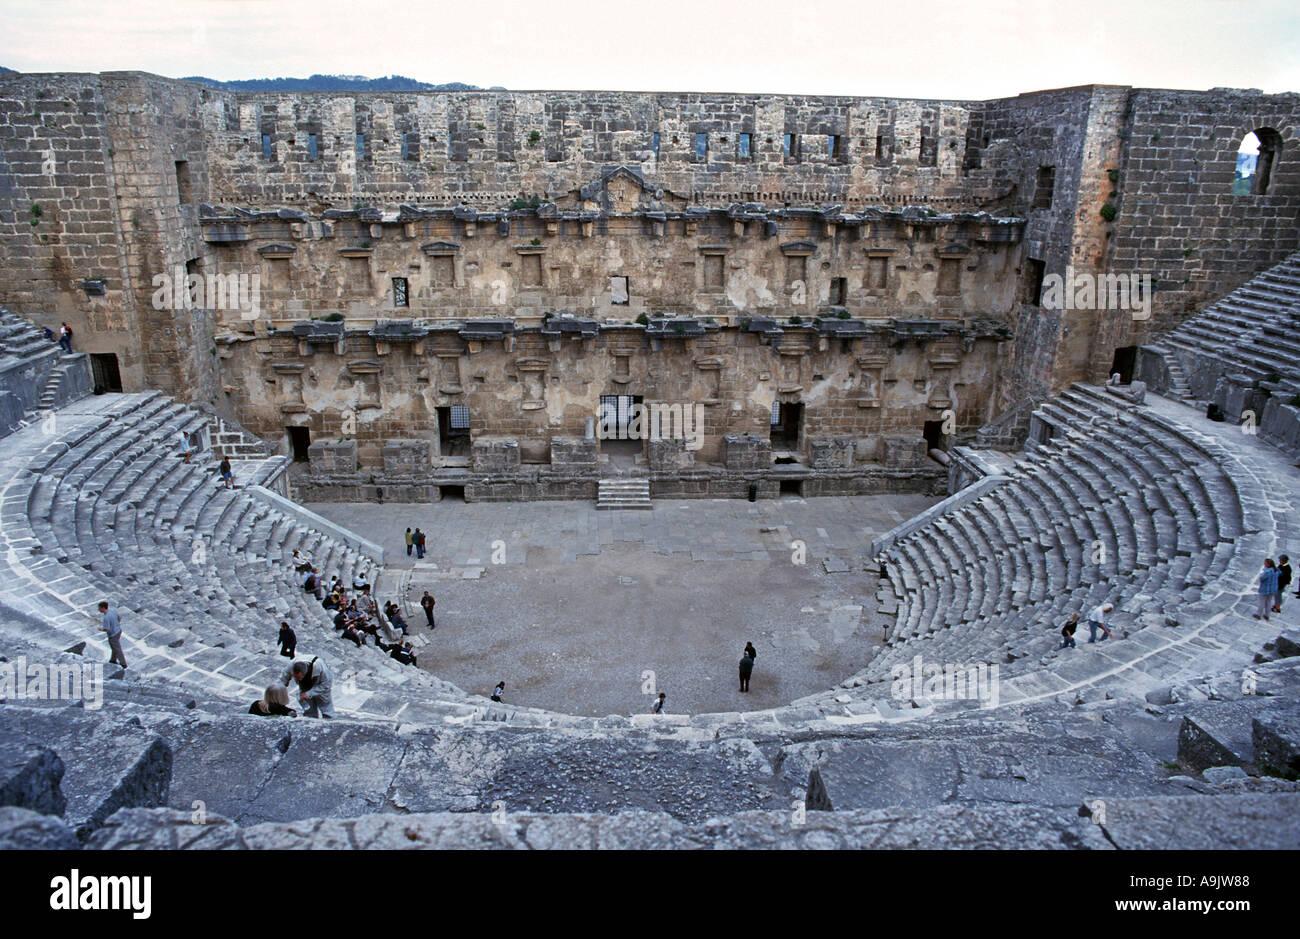 The Roman ampitheatre at Side near Antyalya Turkey - Stock Image